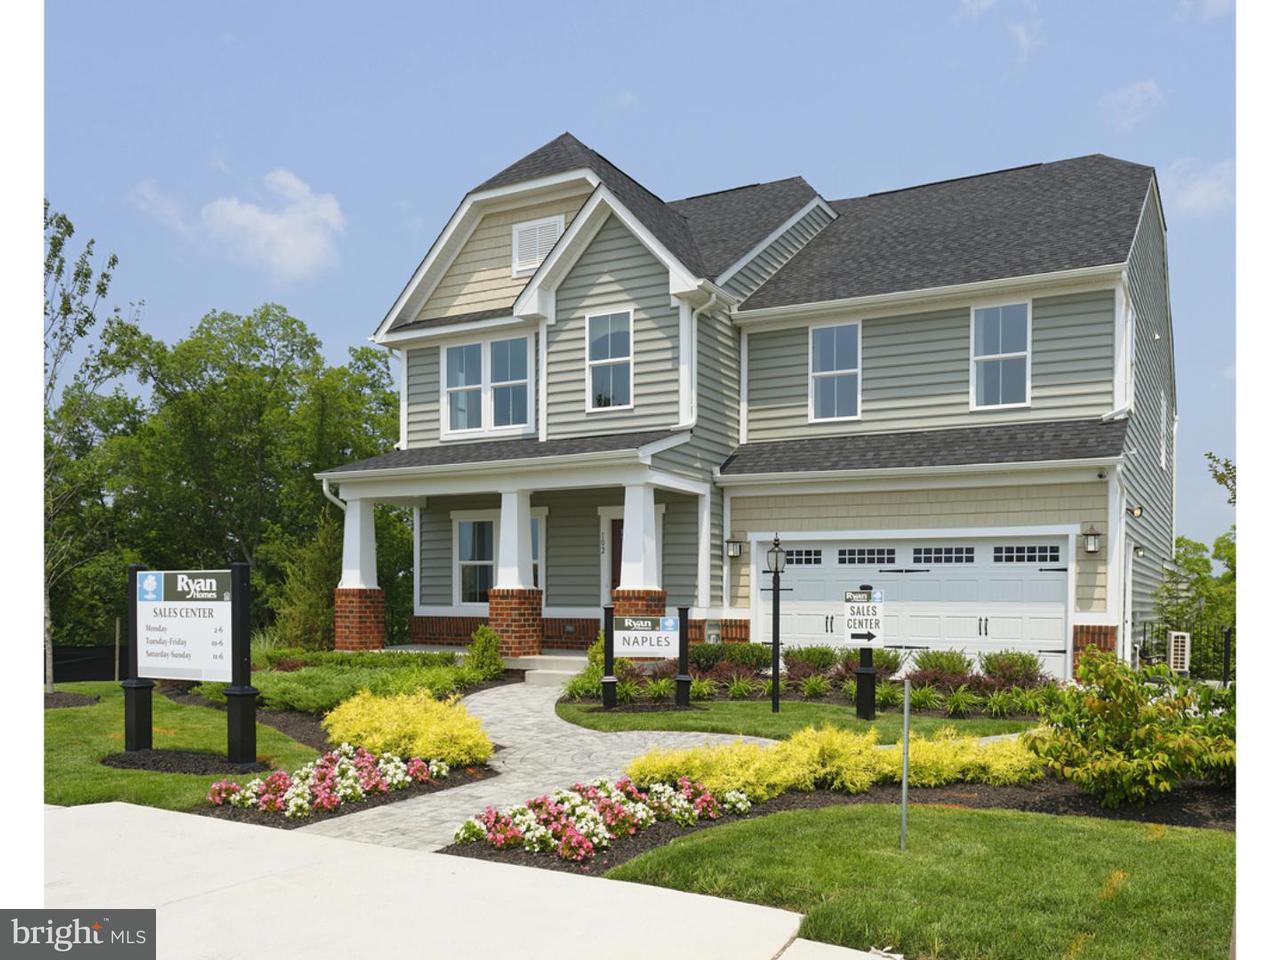 Maison unifamiliale pour l Vente à 83 PETTITS BRIDGE Road Jamison, Pennsylvanie 18929 États-Unis